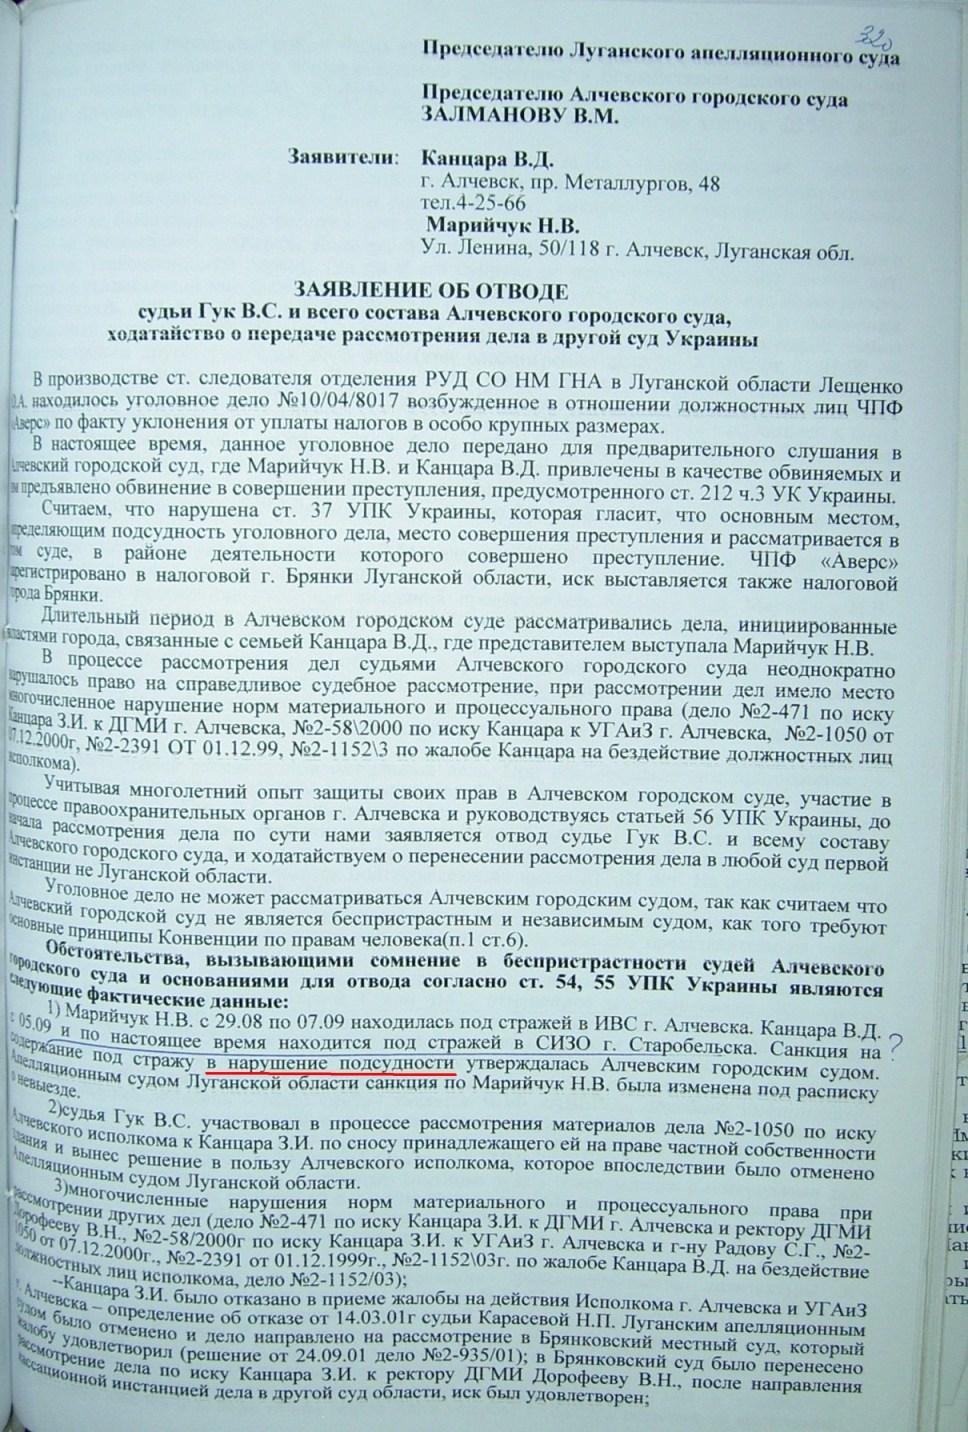 Правовые консультации по делам, связанным с наркотиками. ВИЧ 8